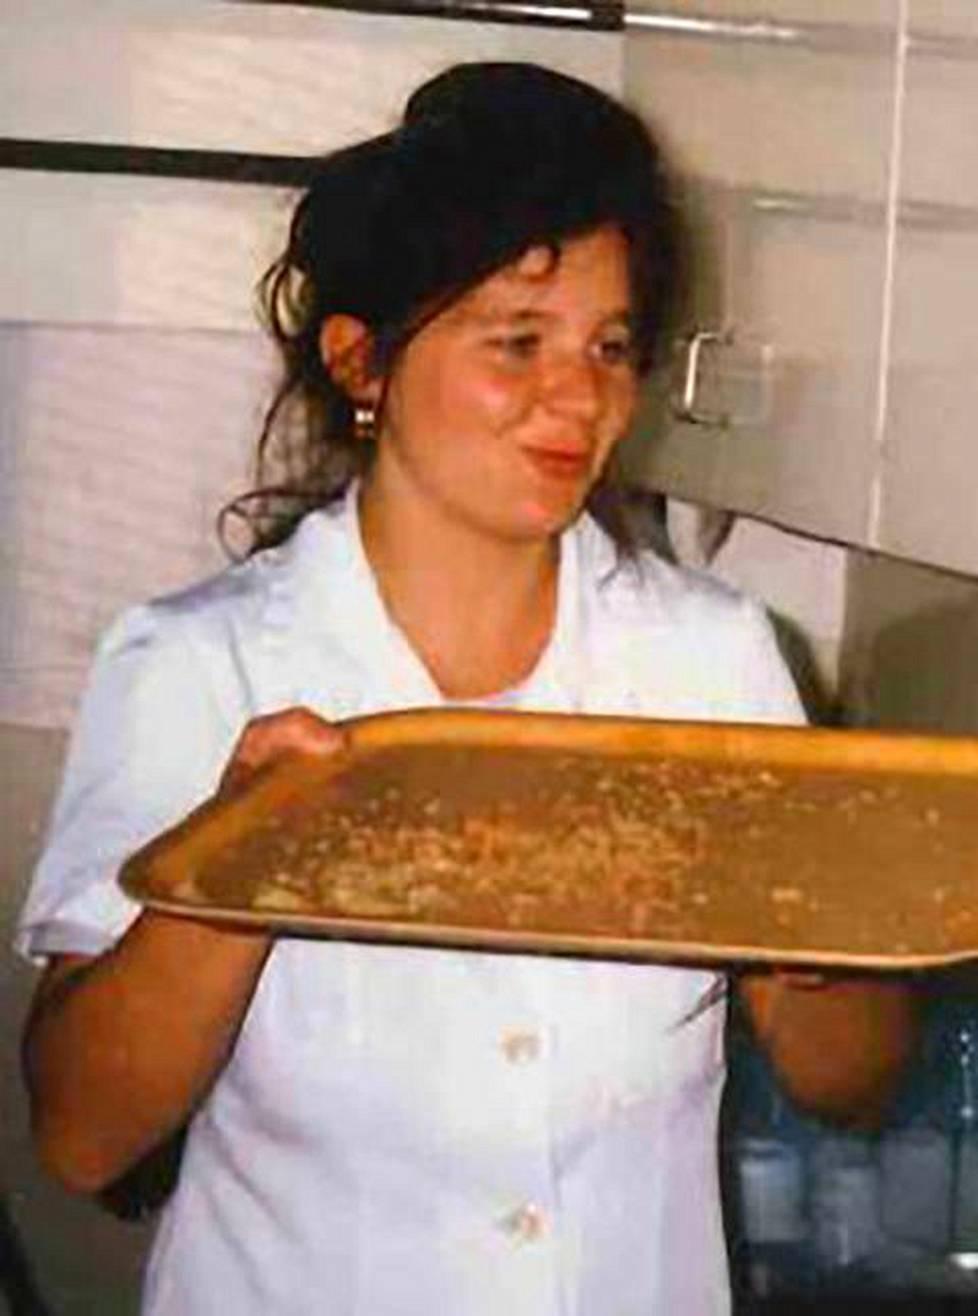 Ennen kuin Tuula Lukkarinen jäi työttömäksi, hän työskenteli keittiöapulaisena. Ennenjulkaisemattoman kuvan tarkka kuvaamisajankohta ei ole poliisin tiedossa, mutta se on Lukkarisesta säilyneistä kuvista uusimmasta päästä.